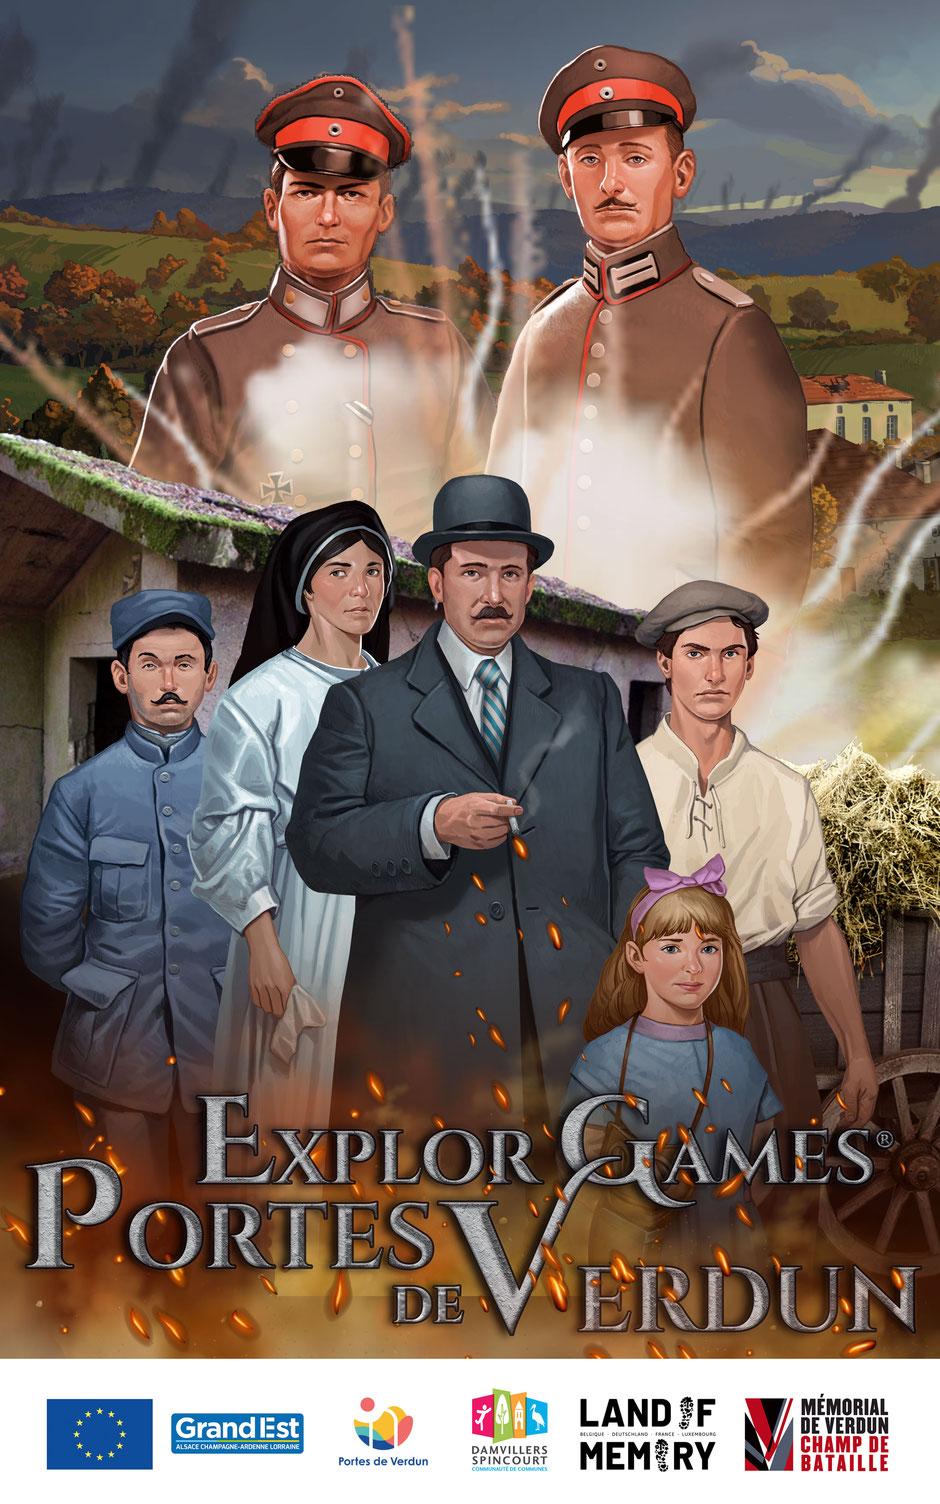 Explor Games Portes de Verdun ; Jeu en famille ; 7 personnages sont présents sur cette affiche, un espion, un soldat français, une petite fille, un adolescent, une infirmière et deux soldats allemands. Ils se tiennent devant un paysage de village dévasté